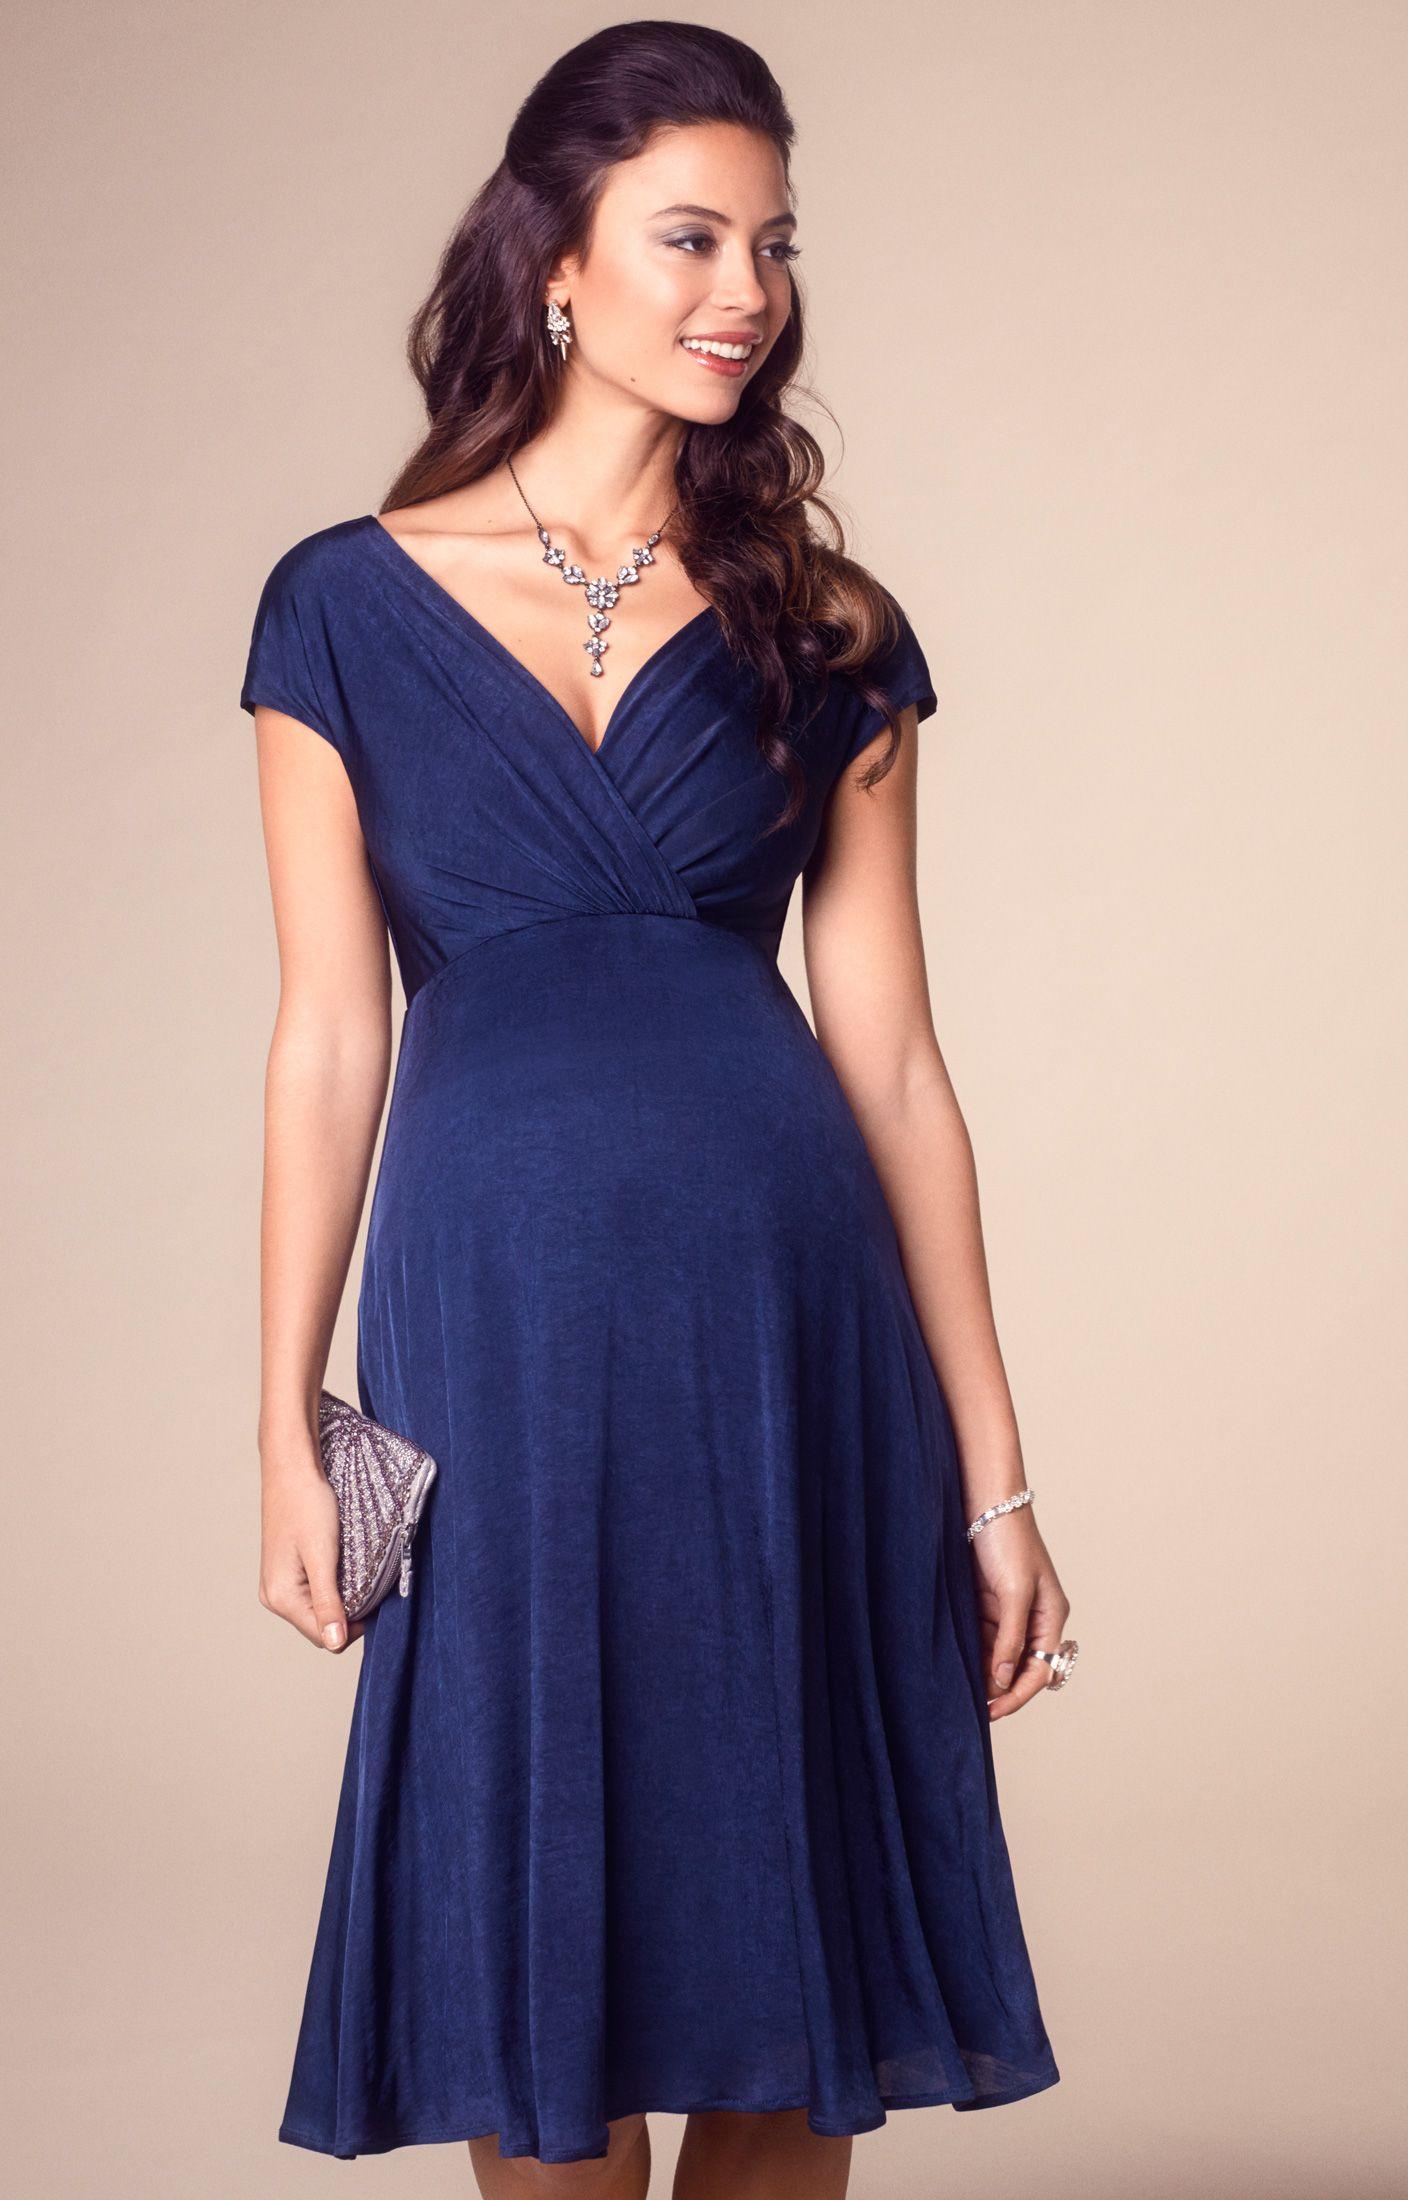 40b10cadc7e Alessandra Maternity Dress Short. Tiffany Rose ALESSANDRA DRESS SHORT NAVY  - ALESN US   205.00